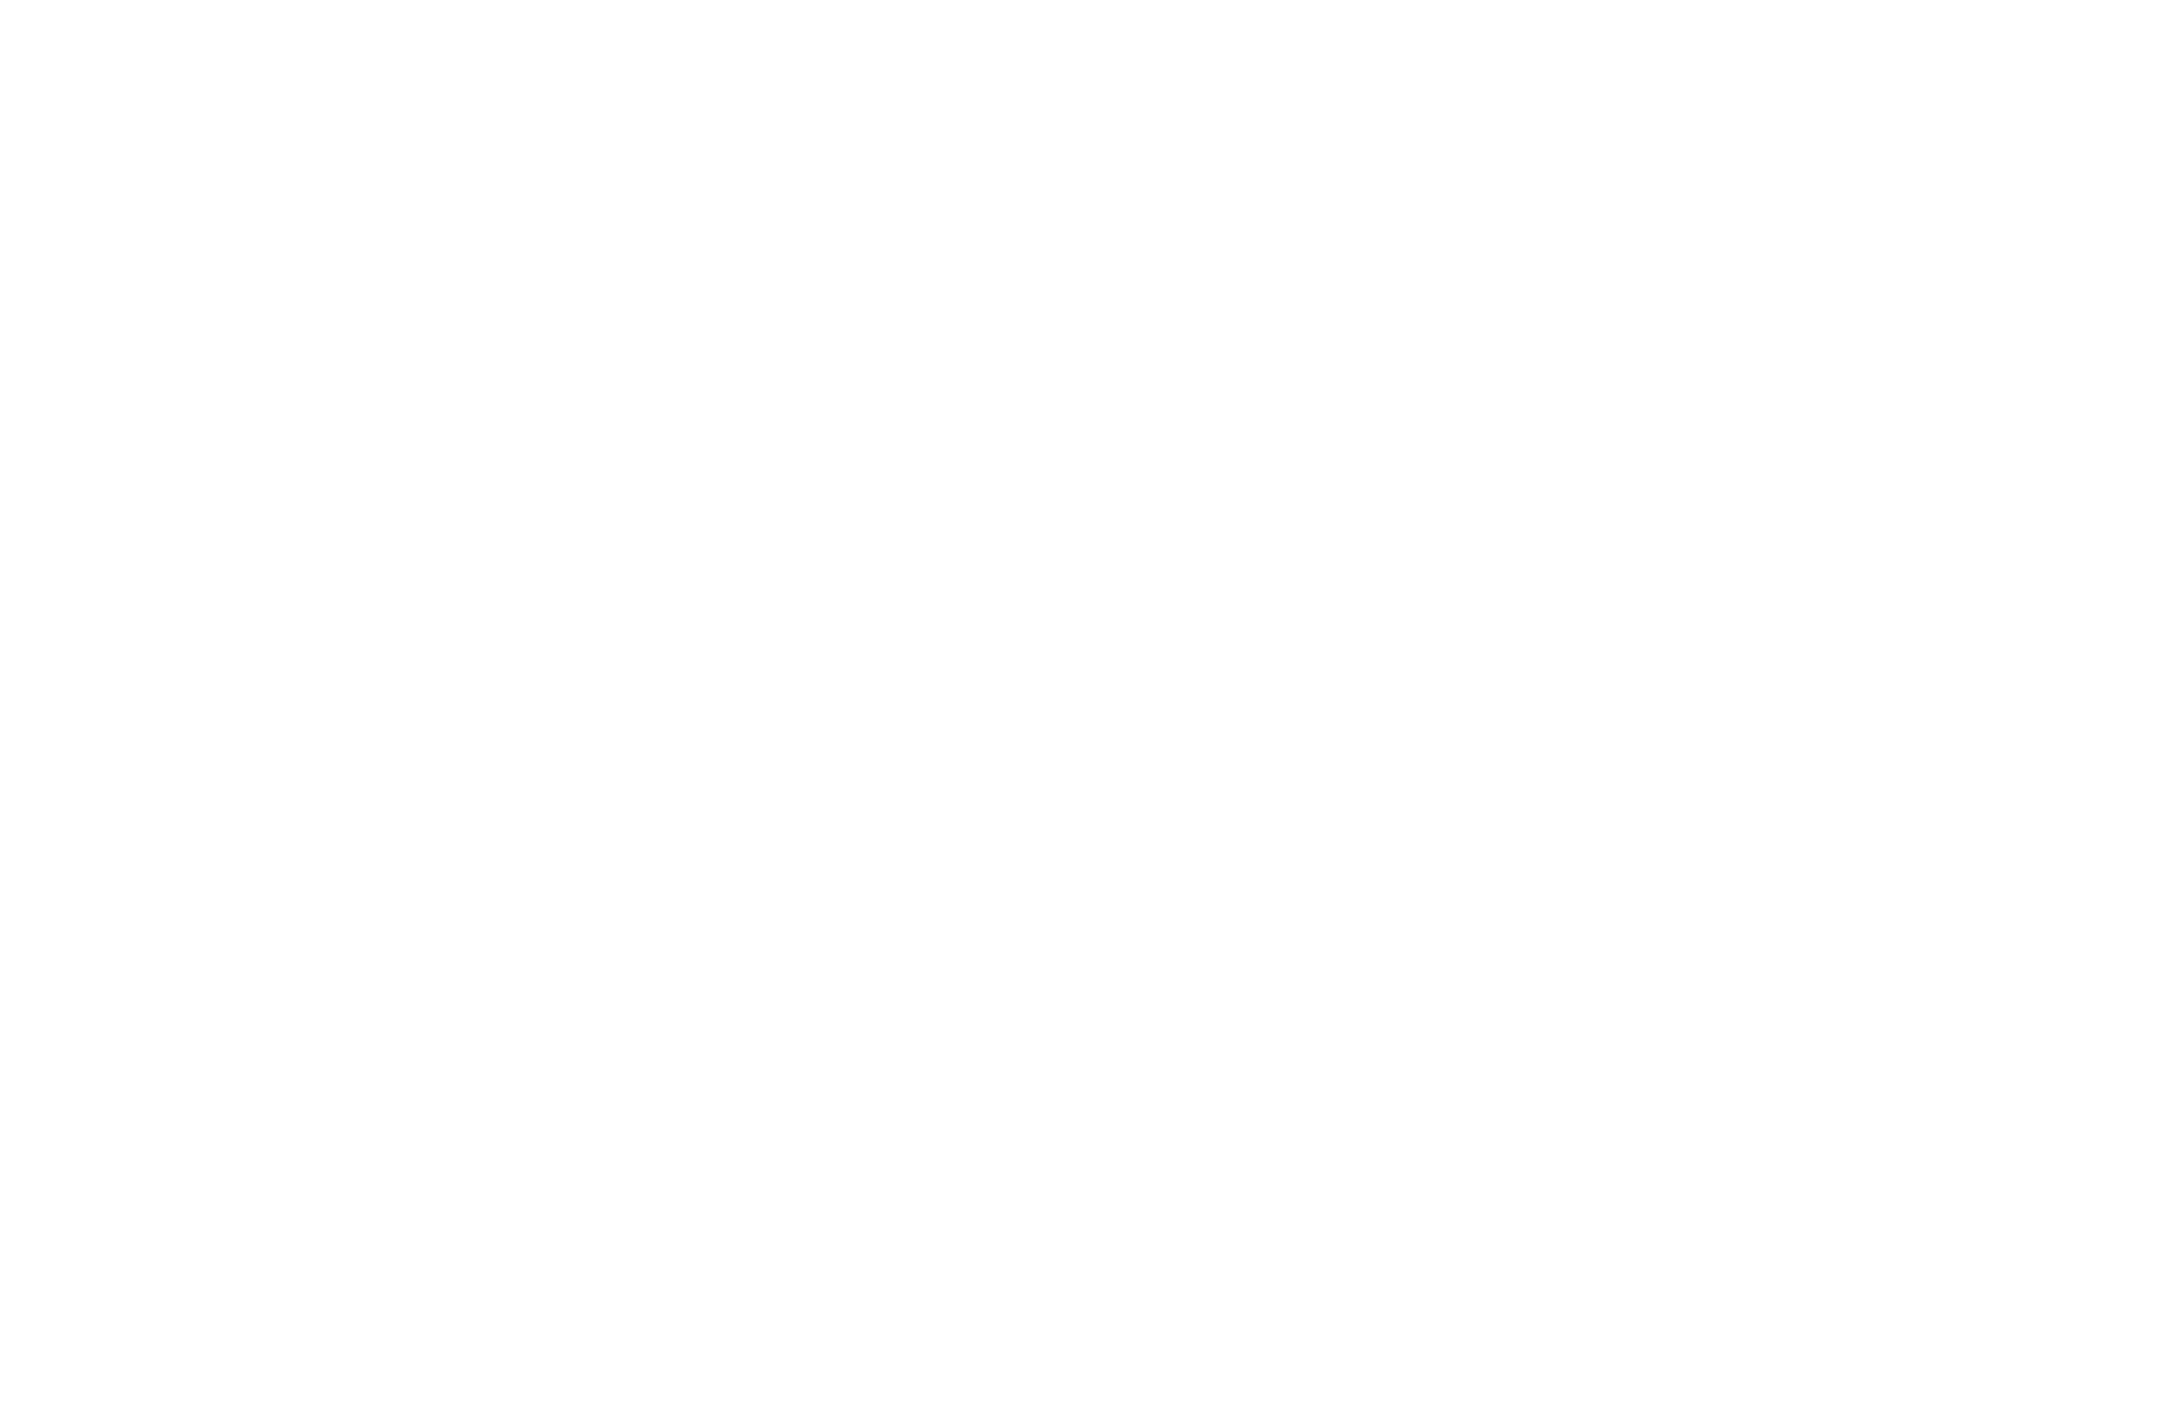 E2C école de la deuxième chance